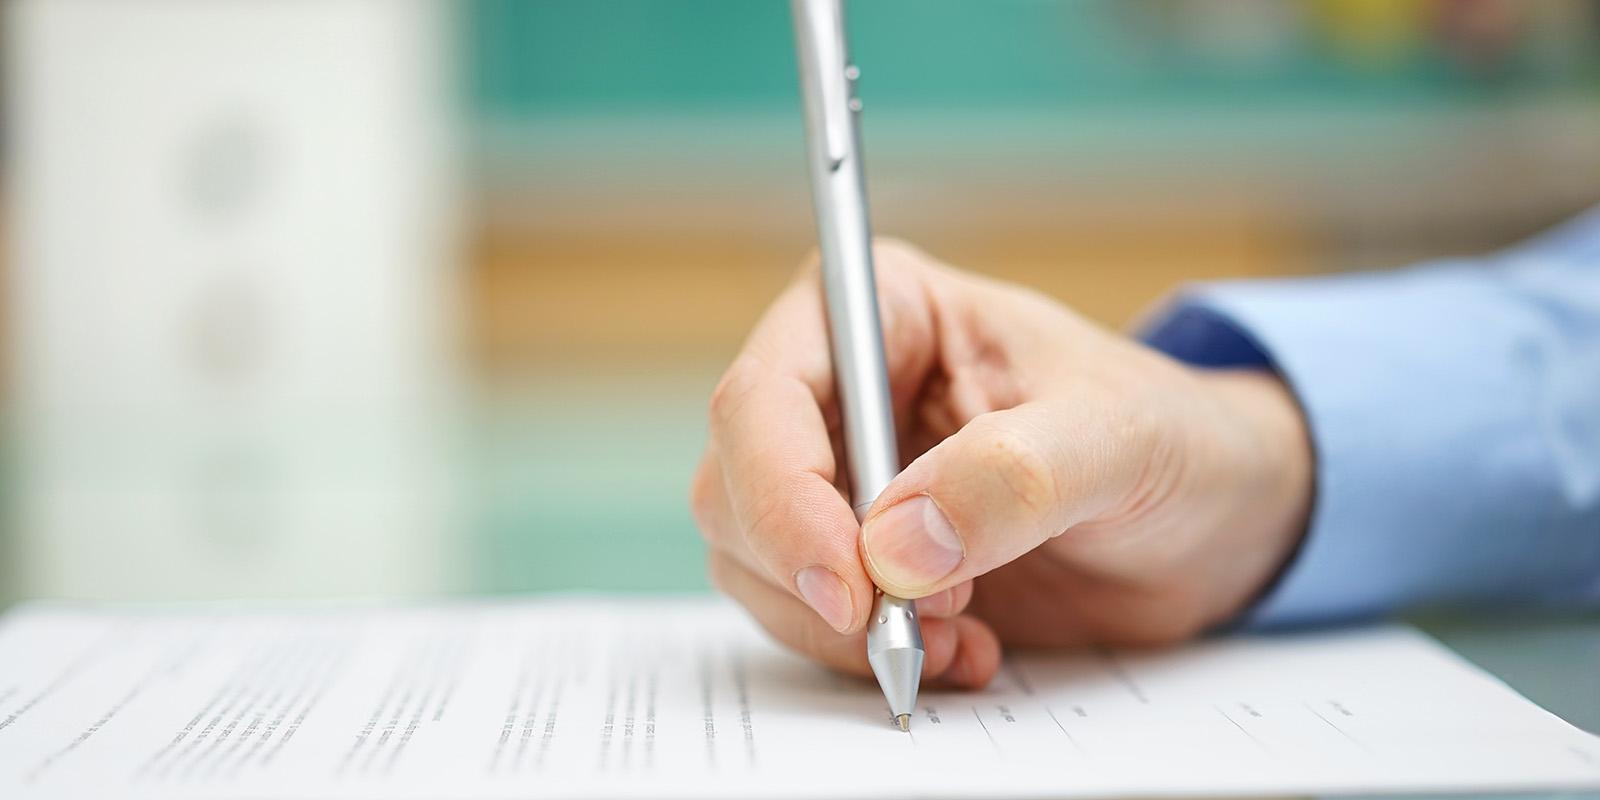 Bewerben Auf Englisch Formulierungen Für Das Anschreiben